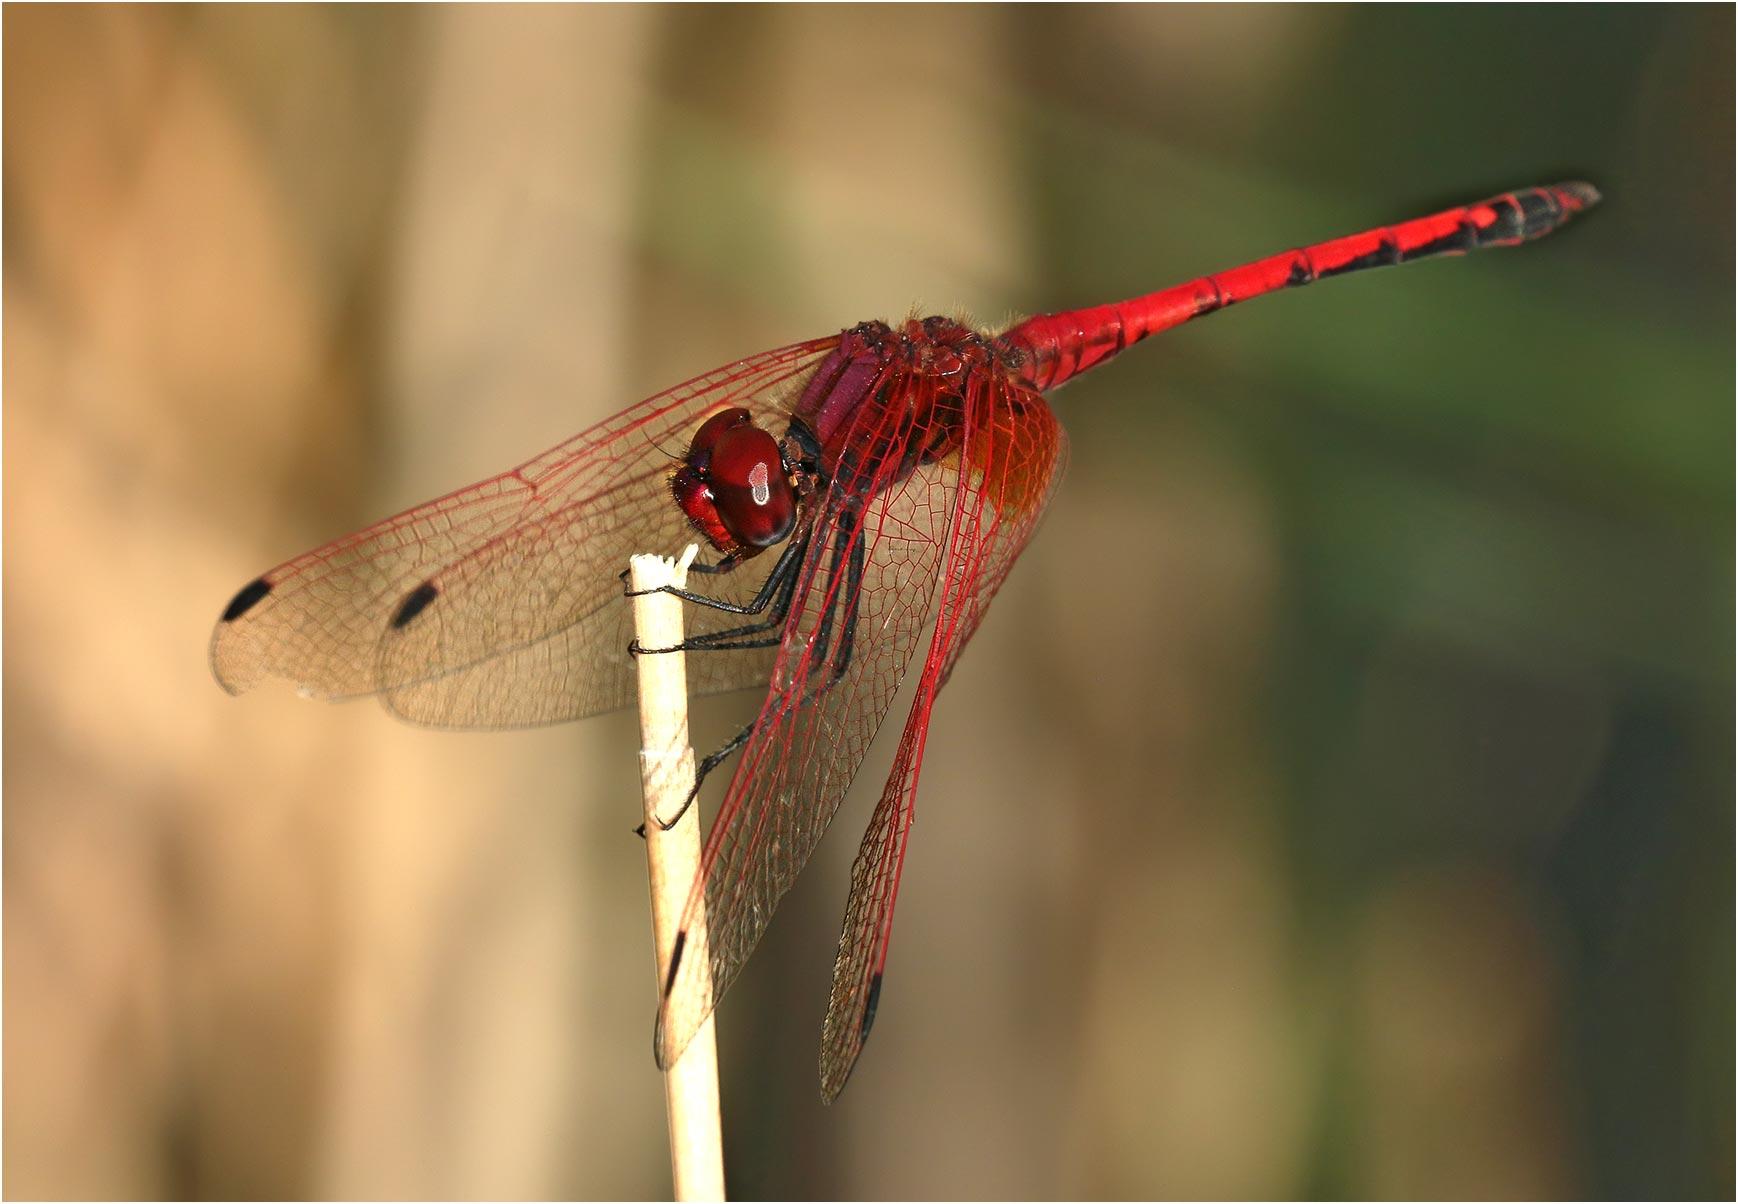 Trithemis arteriosa mâle, Namibie, Rundu sur l'Okavango, 10/02/2020